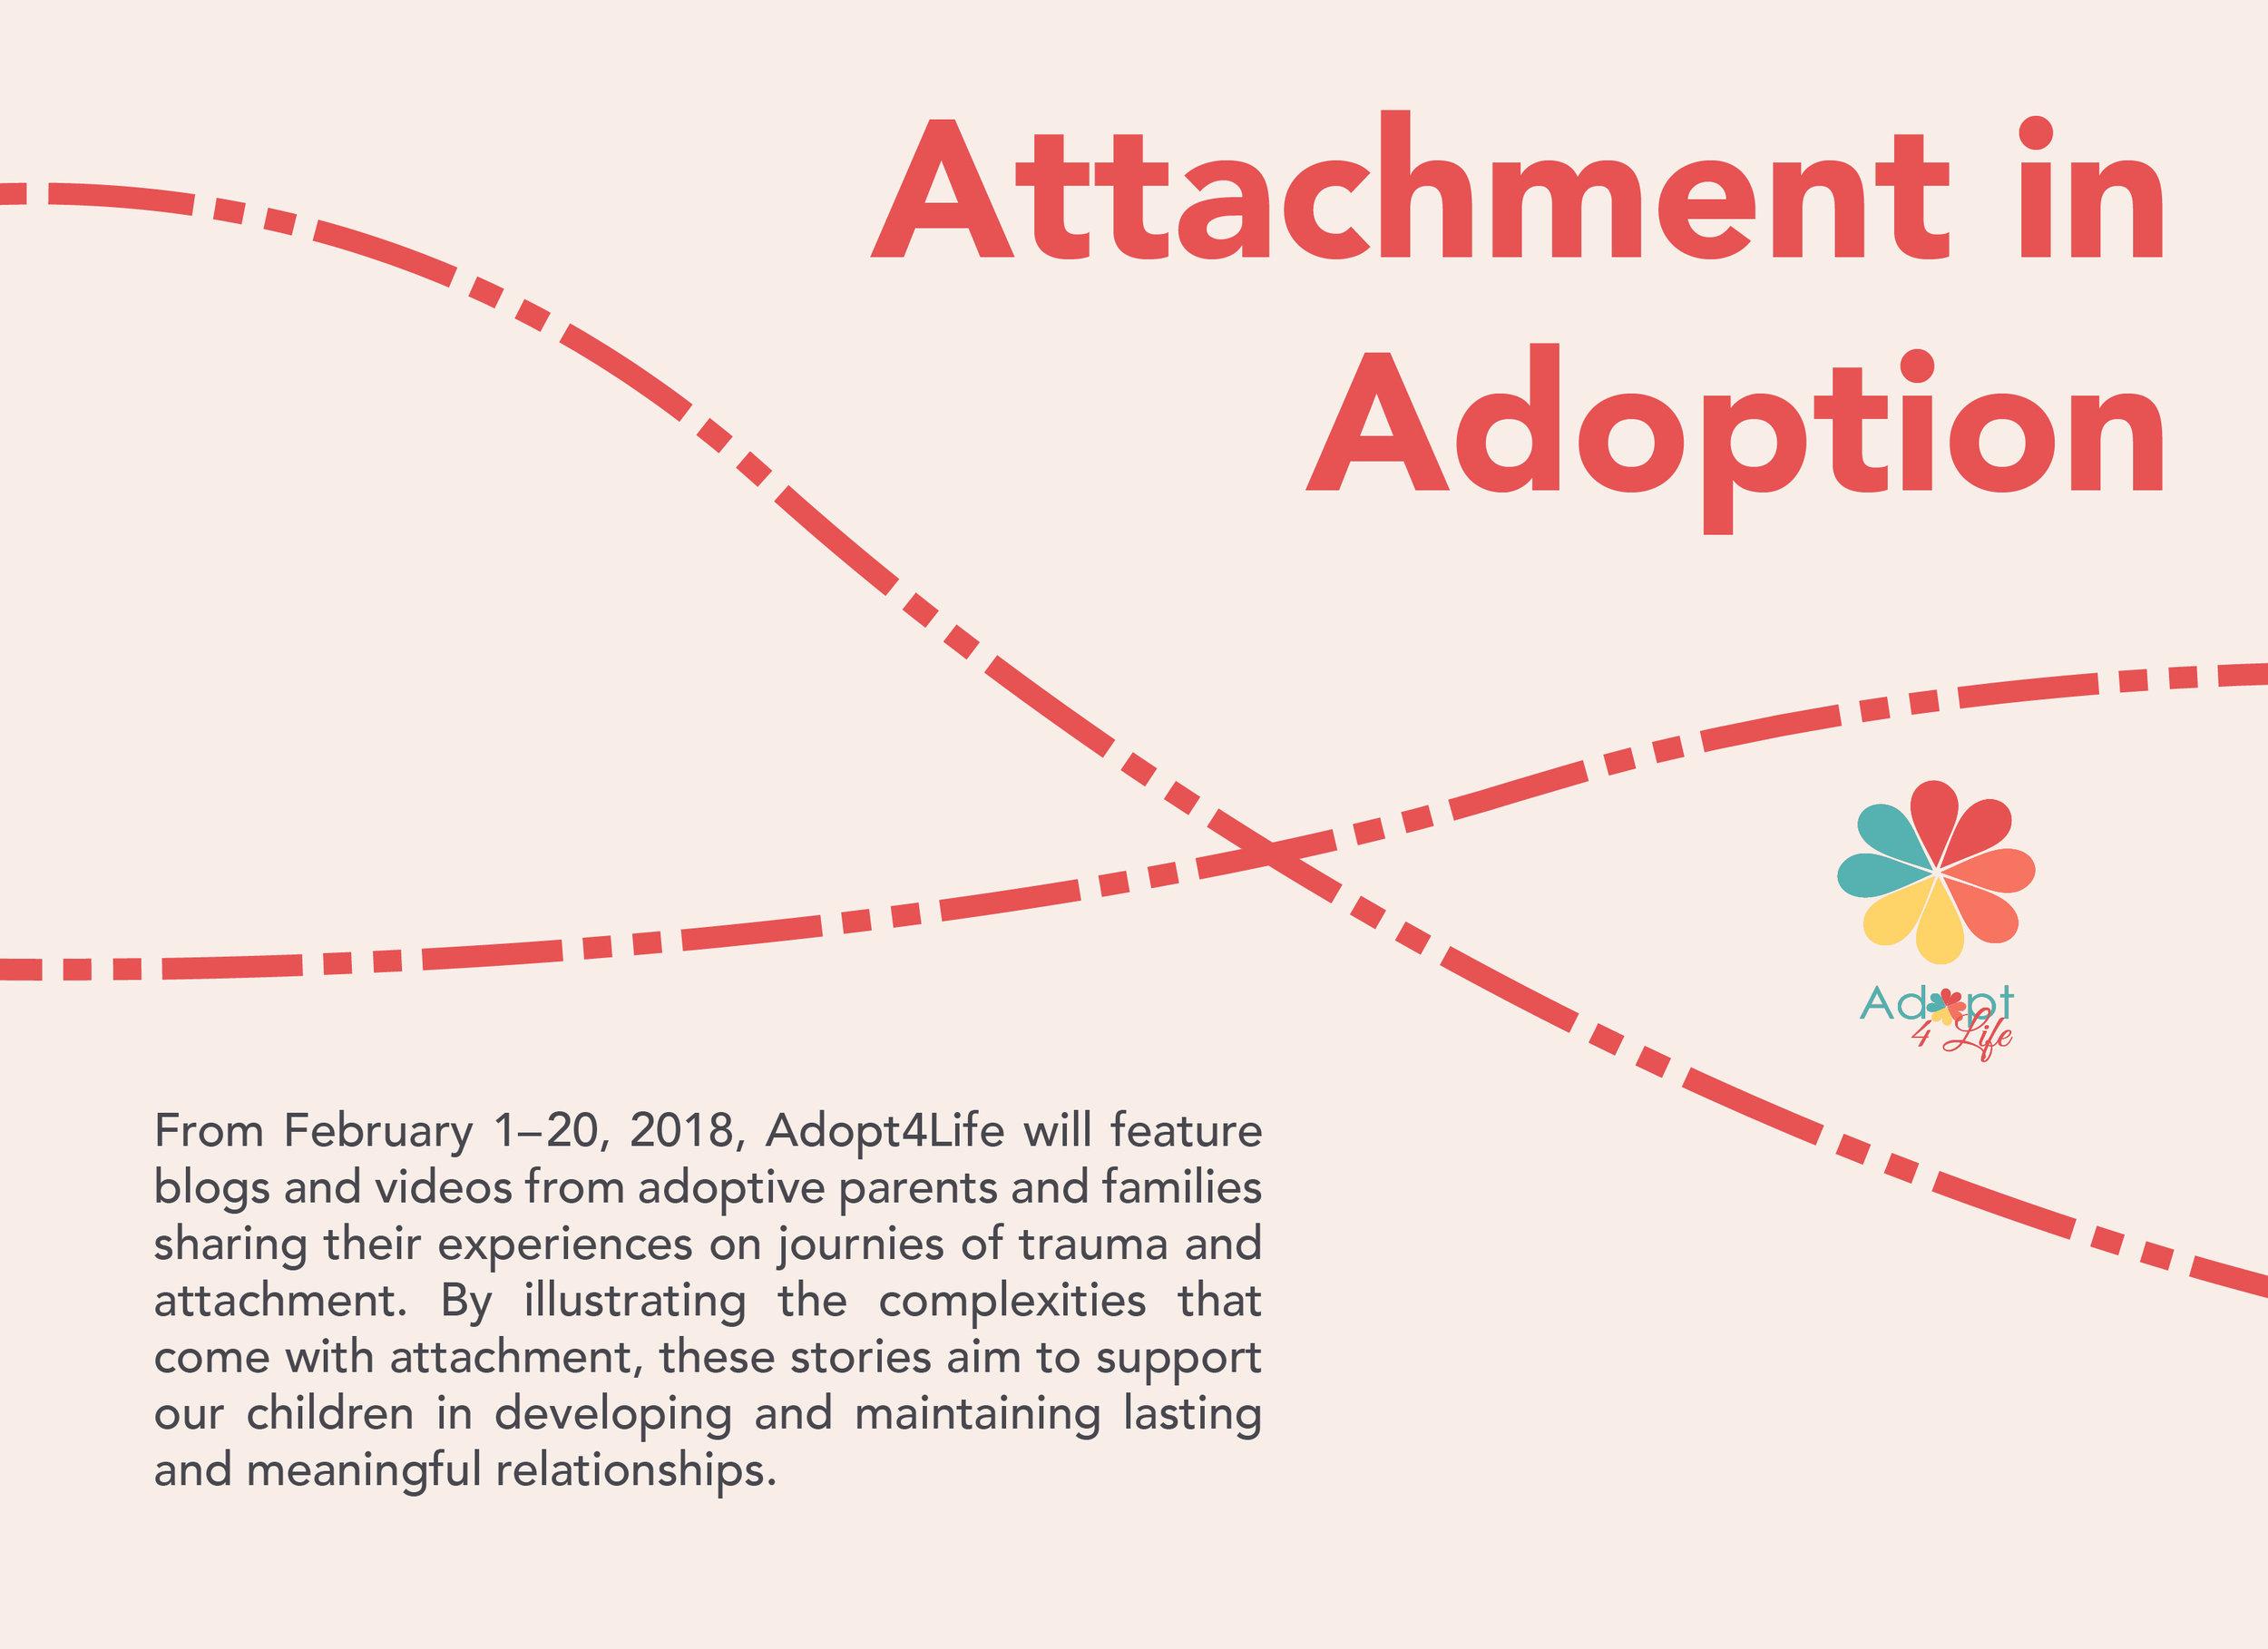 feb2018_attachment_main_text.jpg